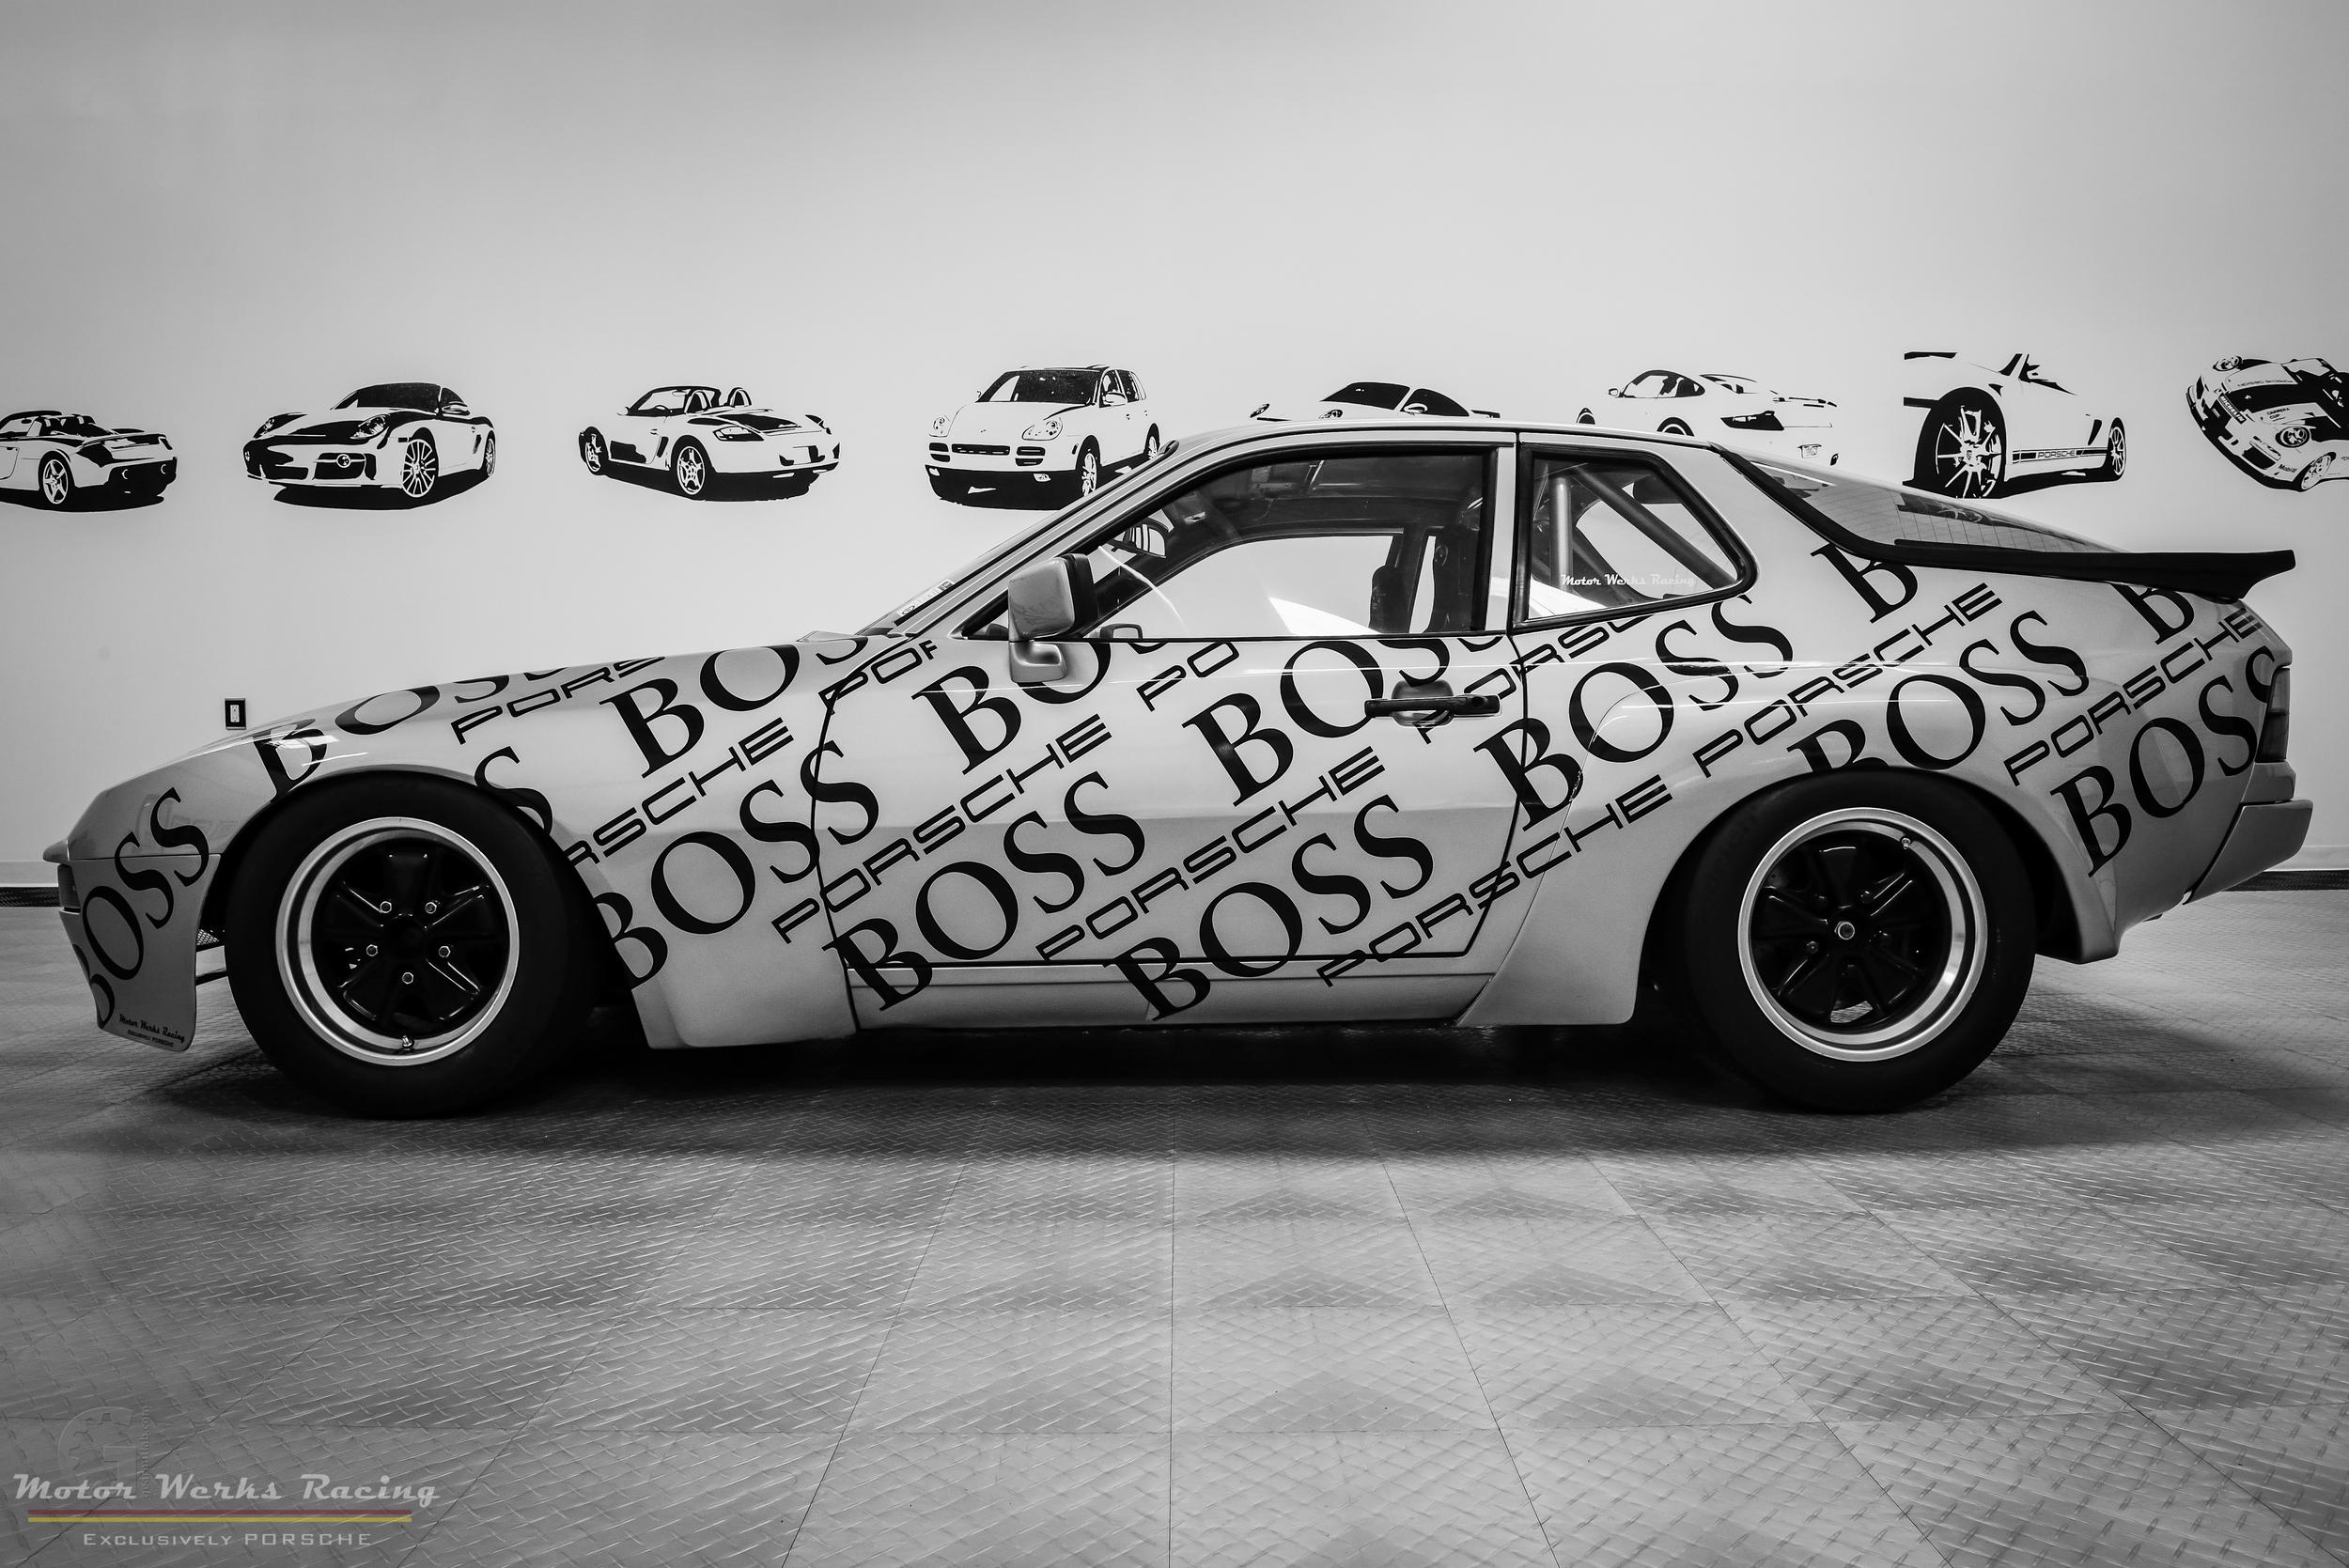 Motor Werks Racing Porsche 924 GT BOSS Tribute